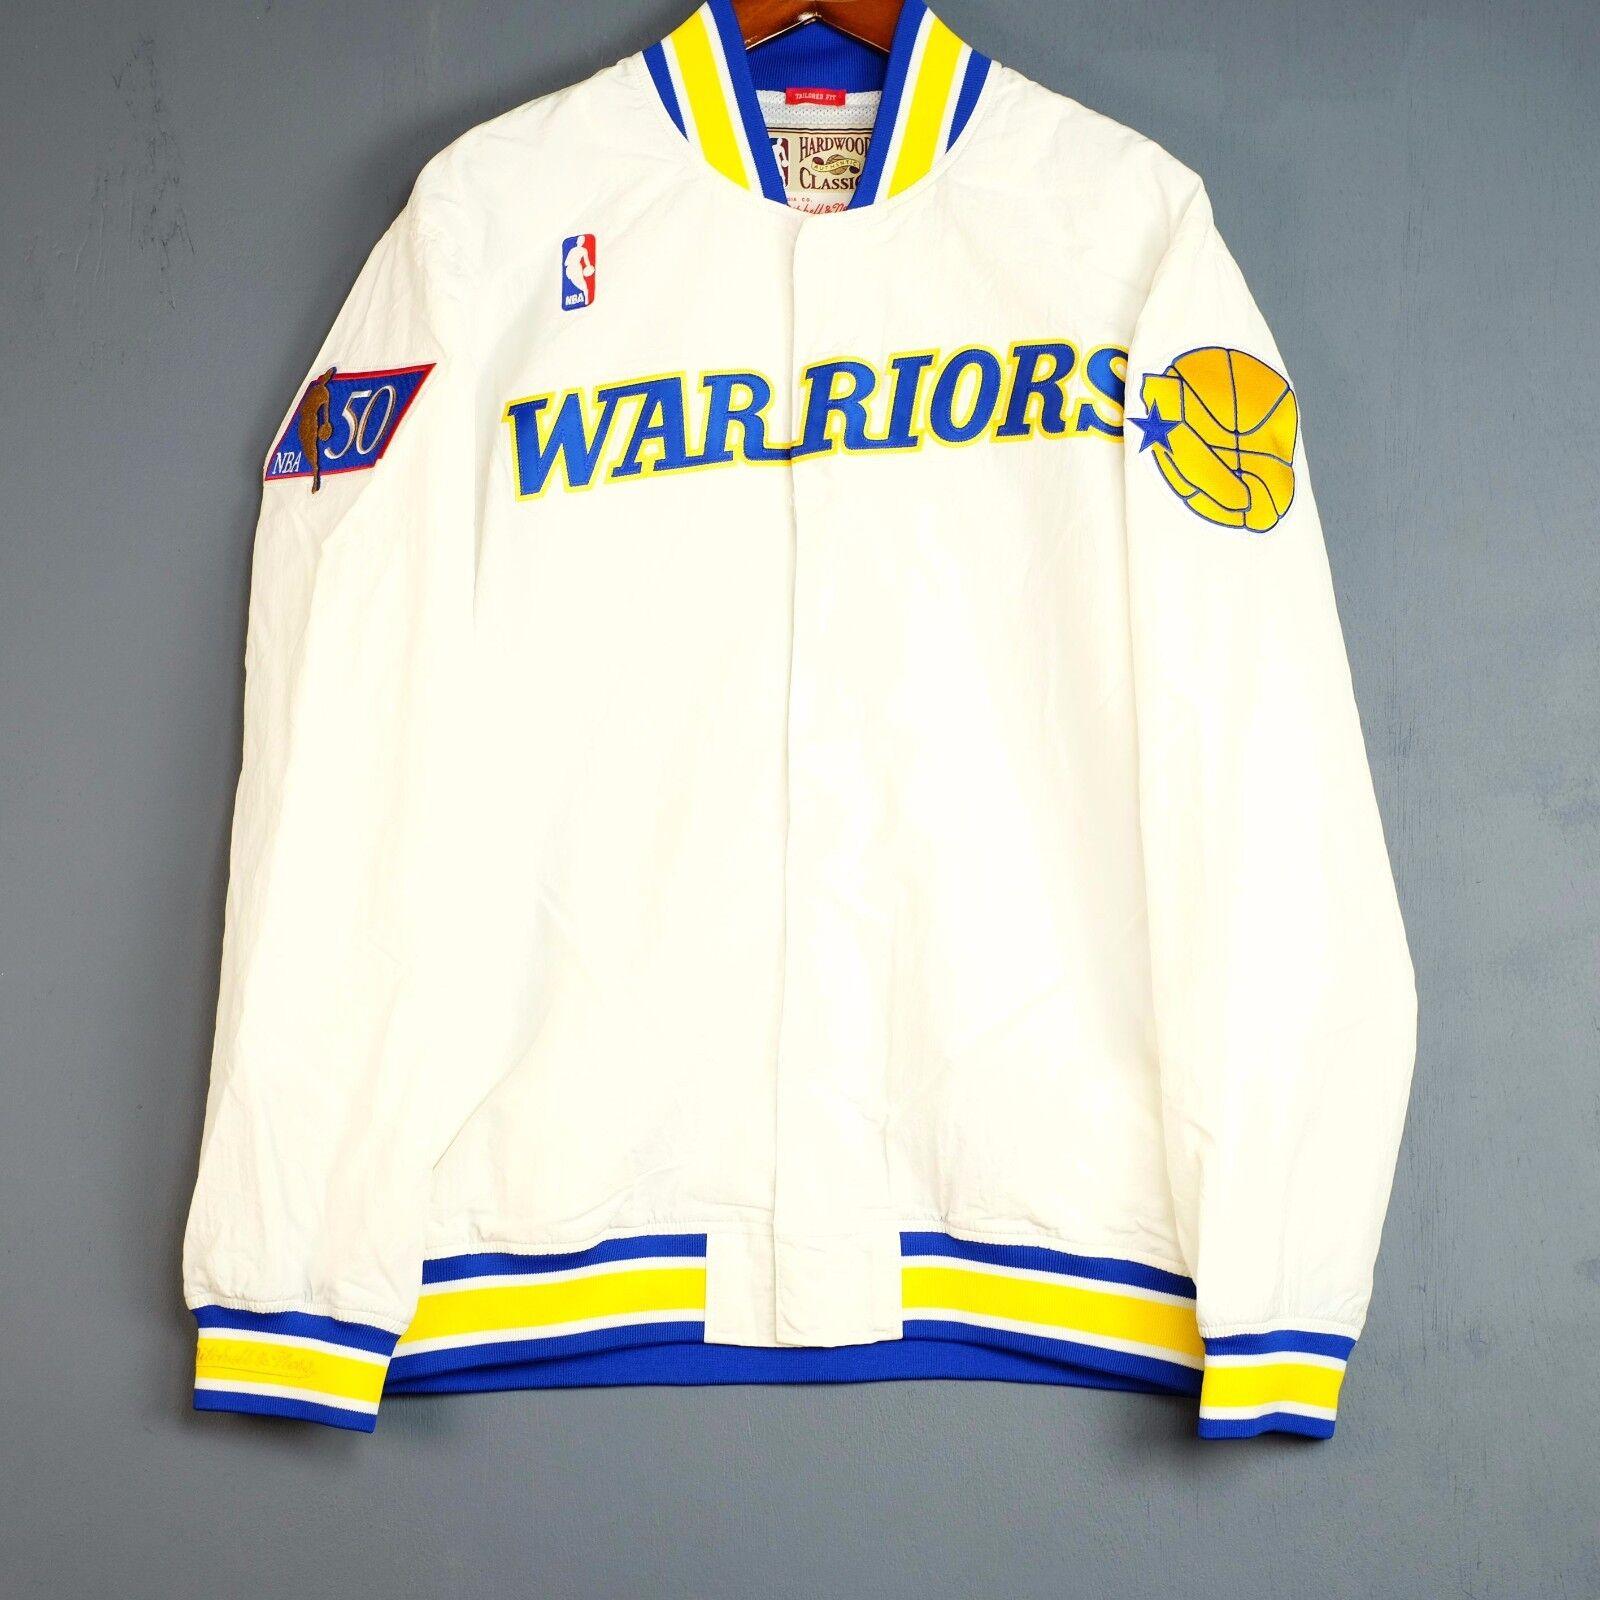 100% Authentisch Mitchell & Ness Warriors Warm Up Jacke Größe XL 48 - Curry